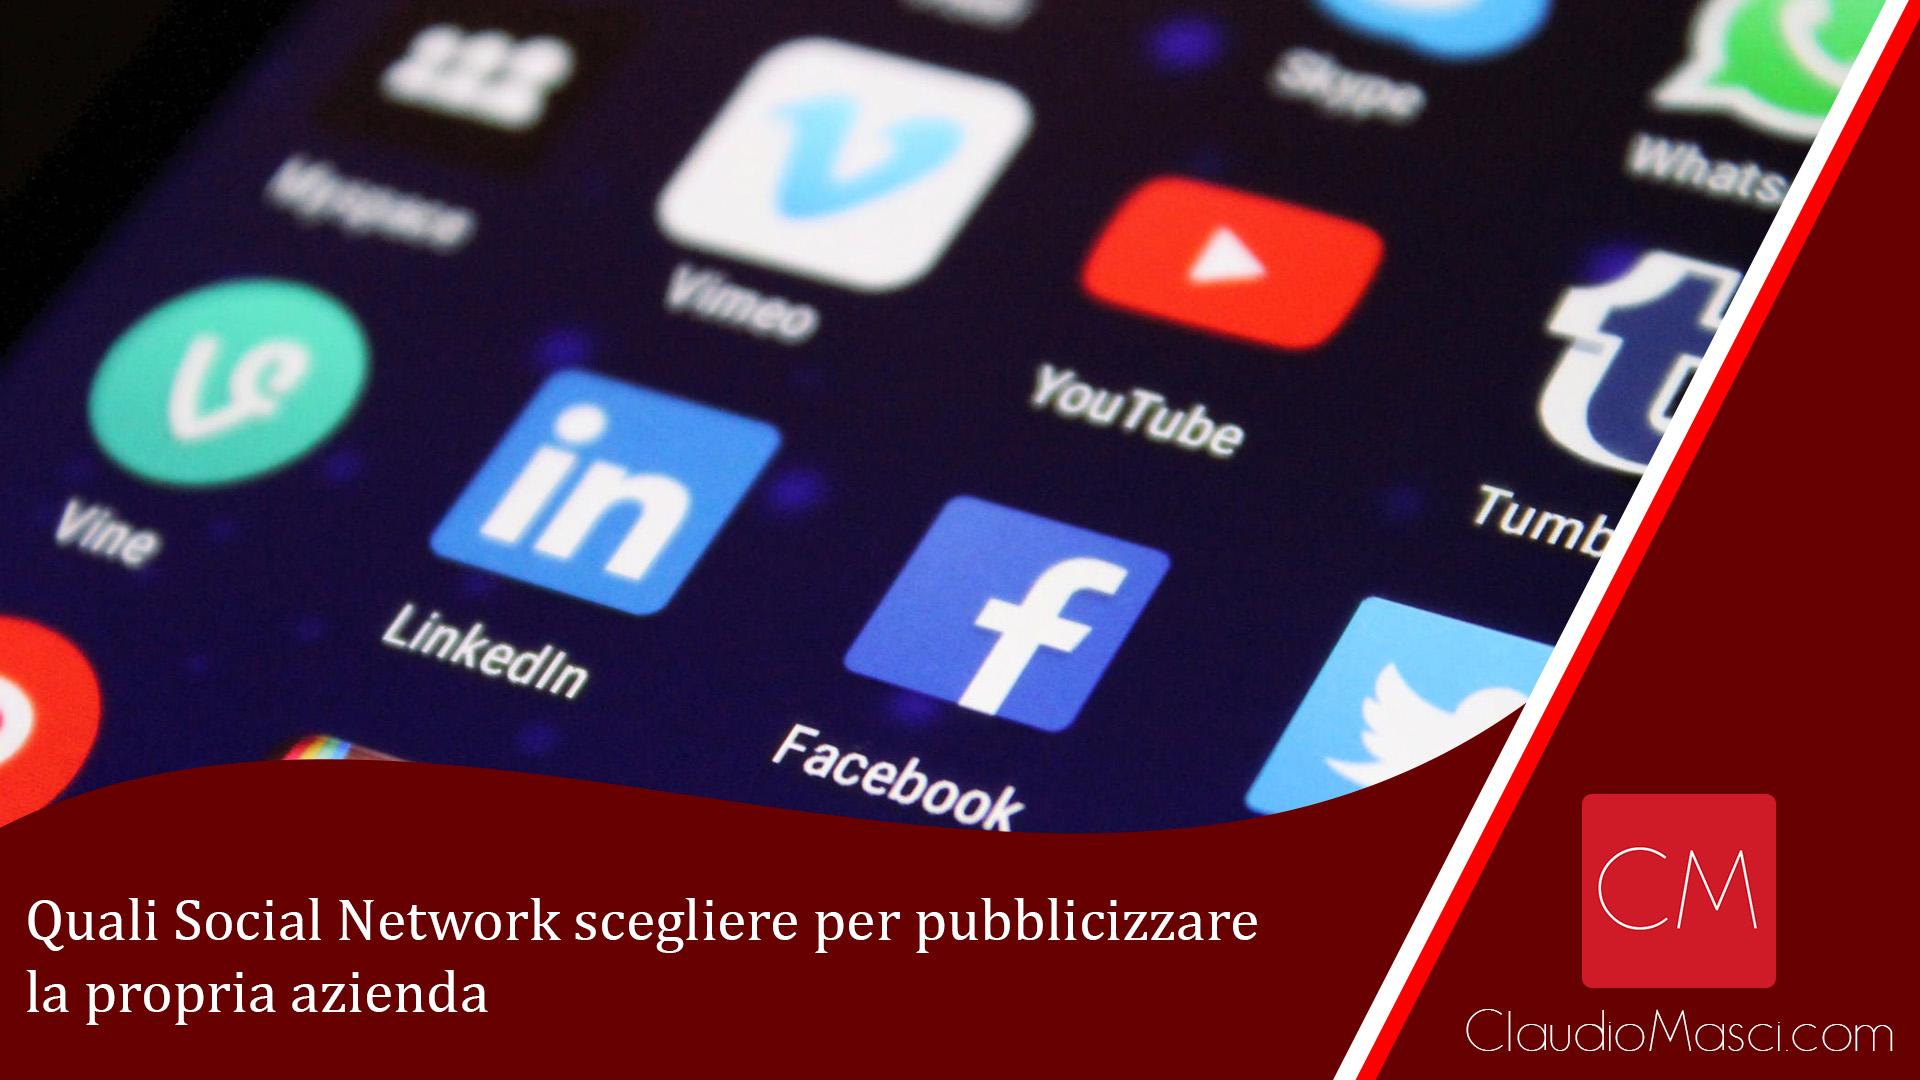 Quali Social Network scegliere per pubblicizzare la propria azienda